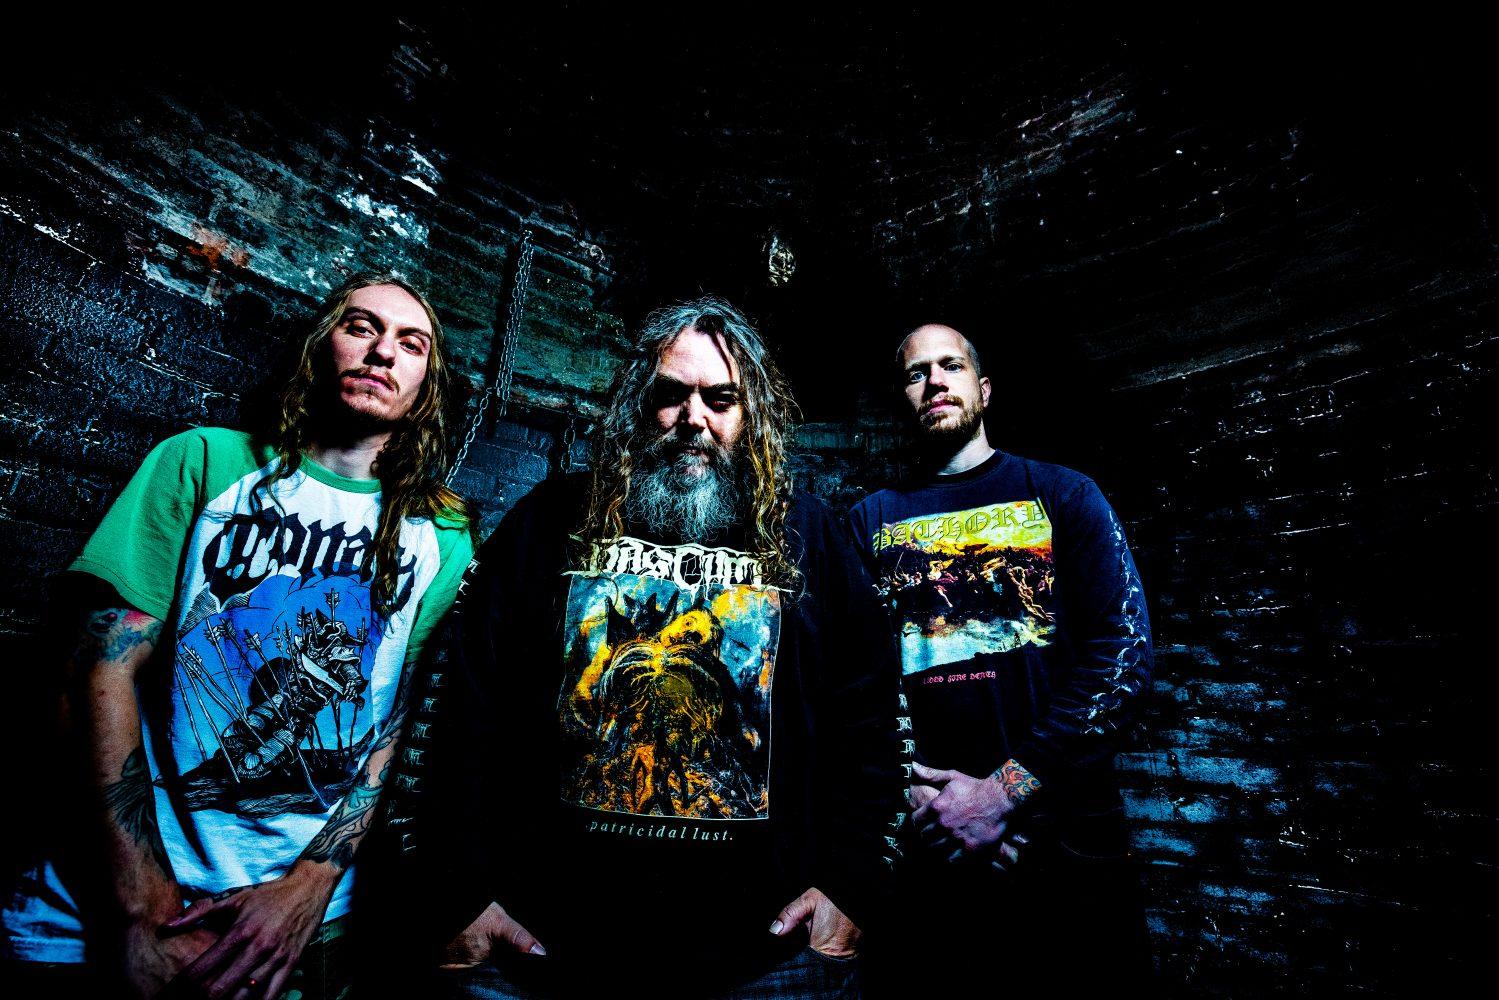 Pai e filho: Igor e Max Cavalera, e o baterista Zack Coleman, formaram a banda Go Ahead and Die -